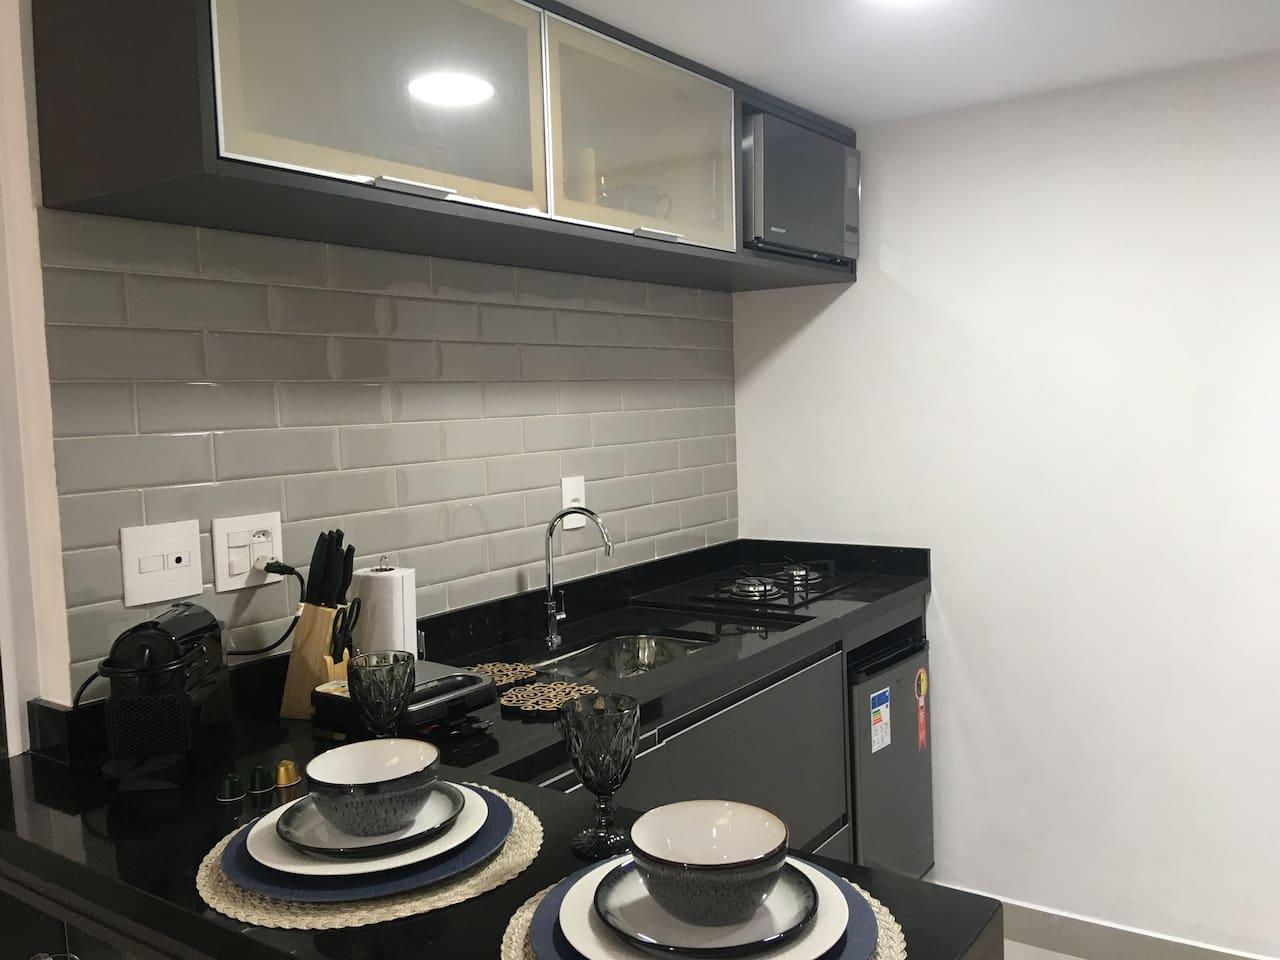 Cozinha compacta com frigobar, micro-ondas, cafeteira Nespresso, Sanduicheira e utensílios tudo novos.